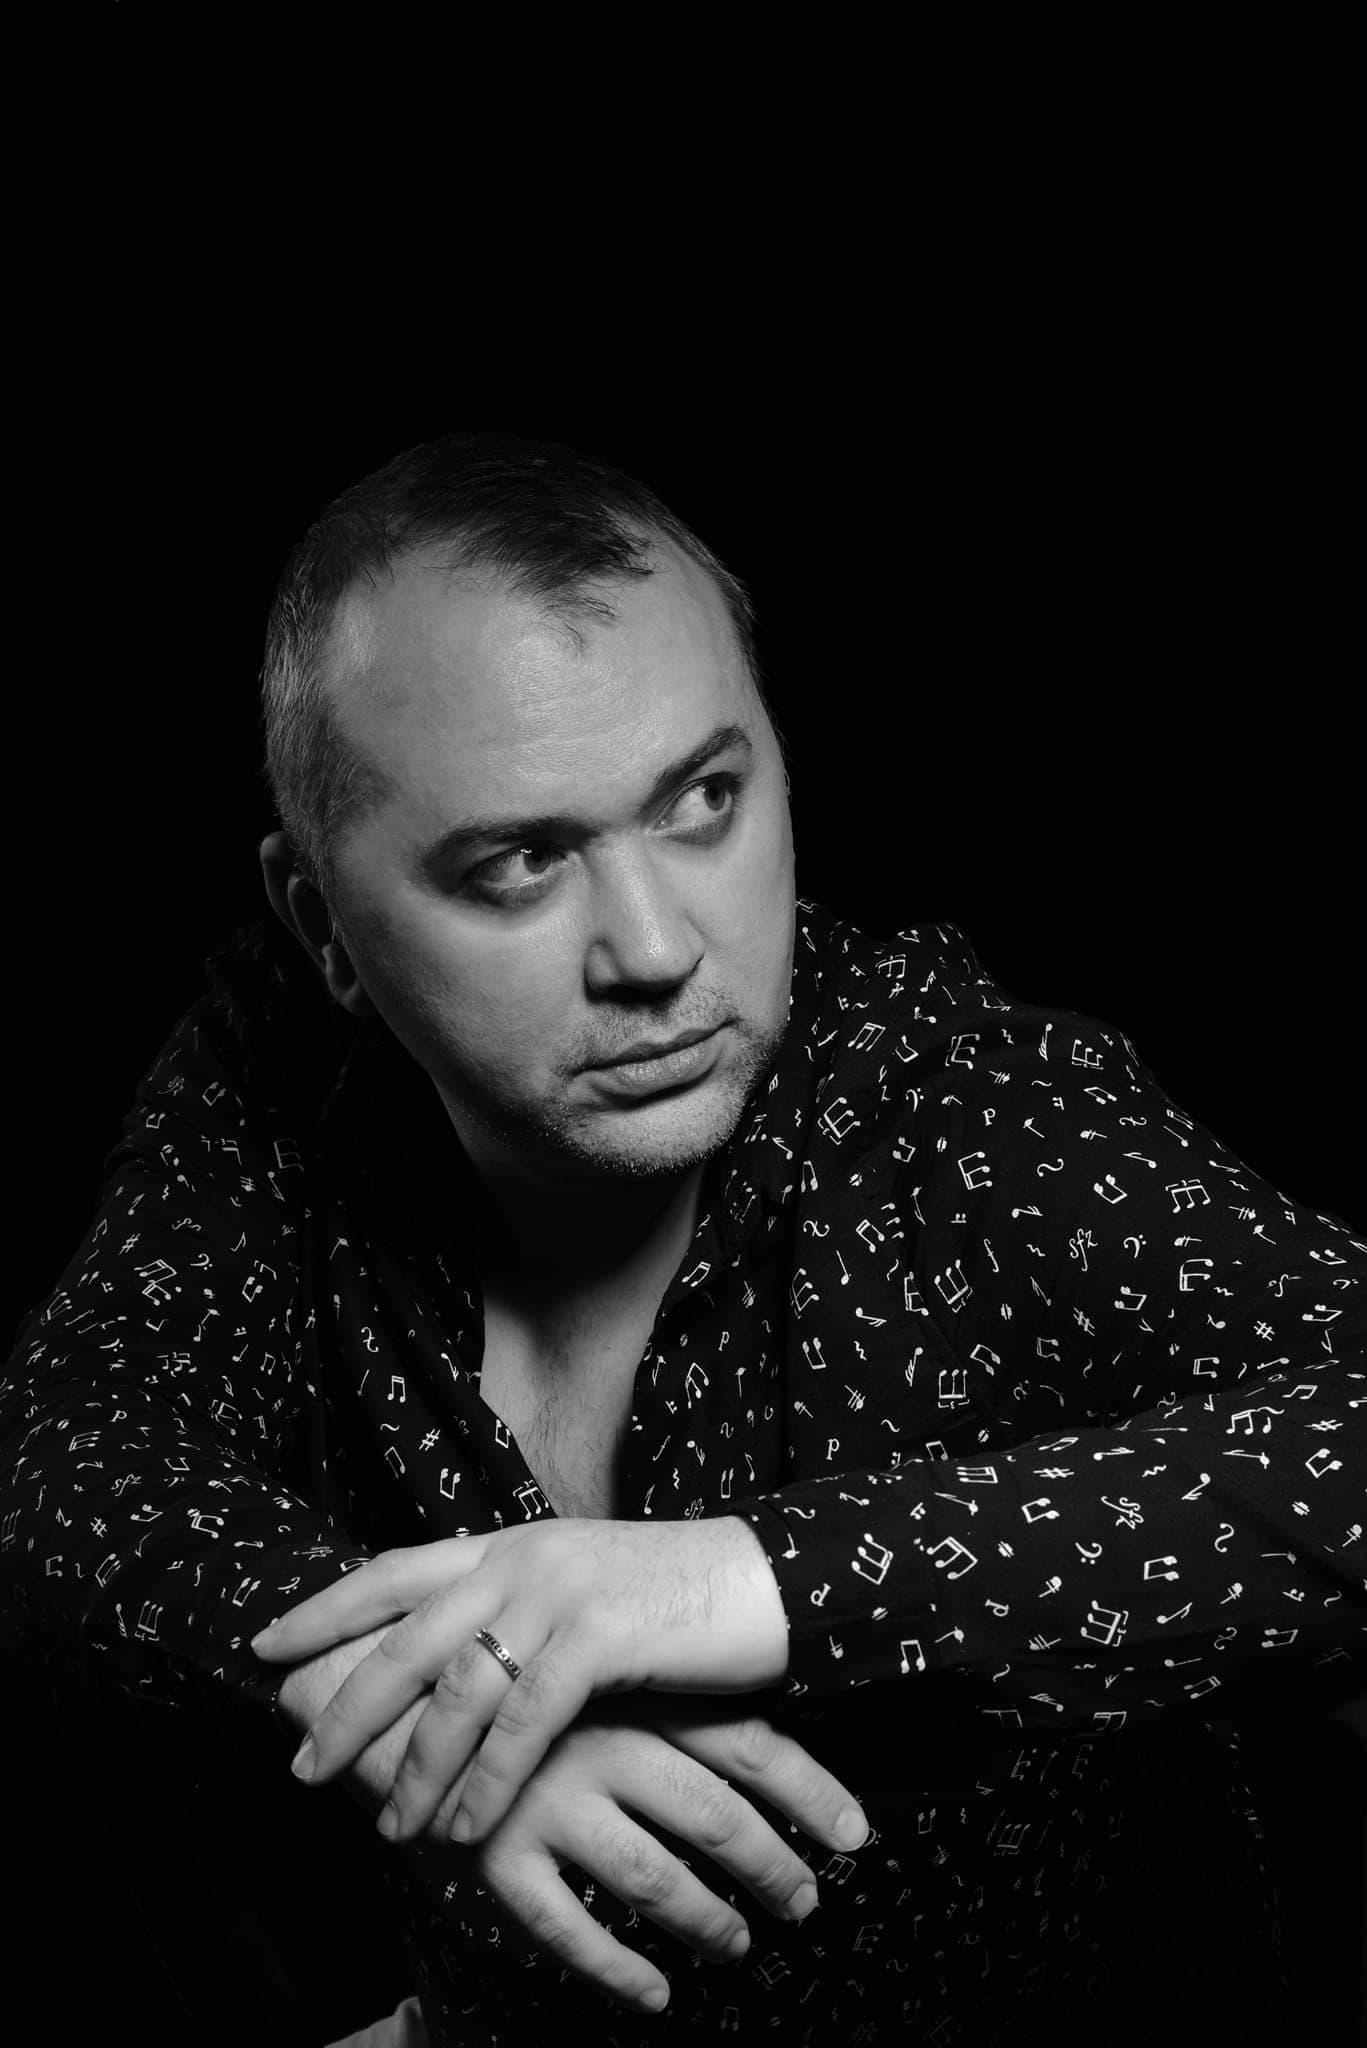 Сергей Шатель. Модные тенденции в макияже 2019/2020